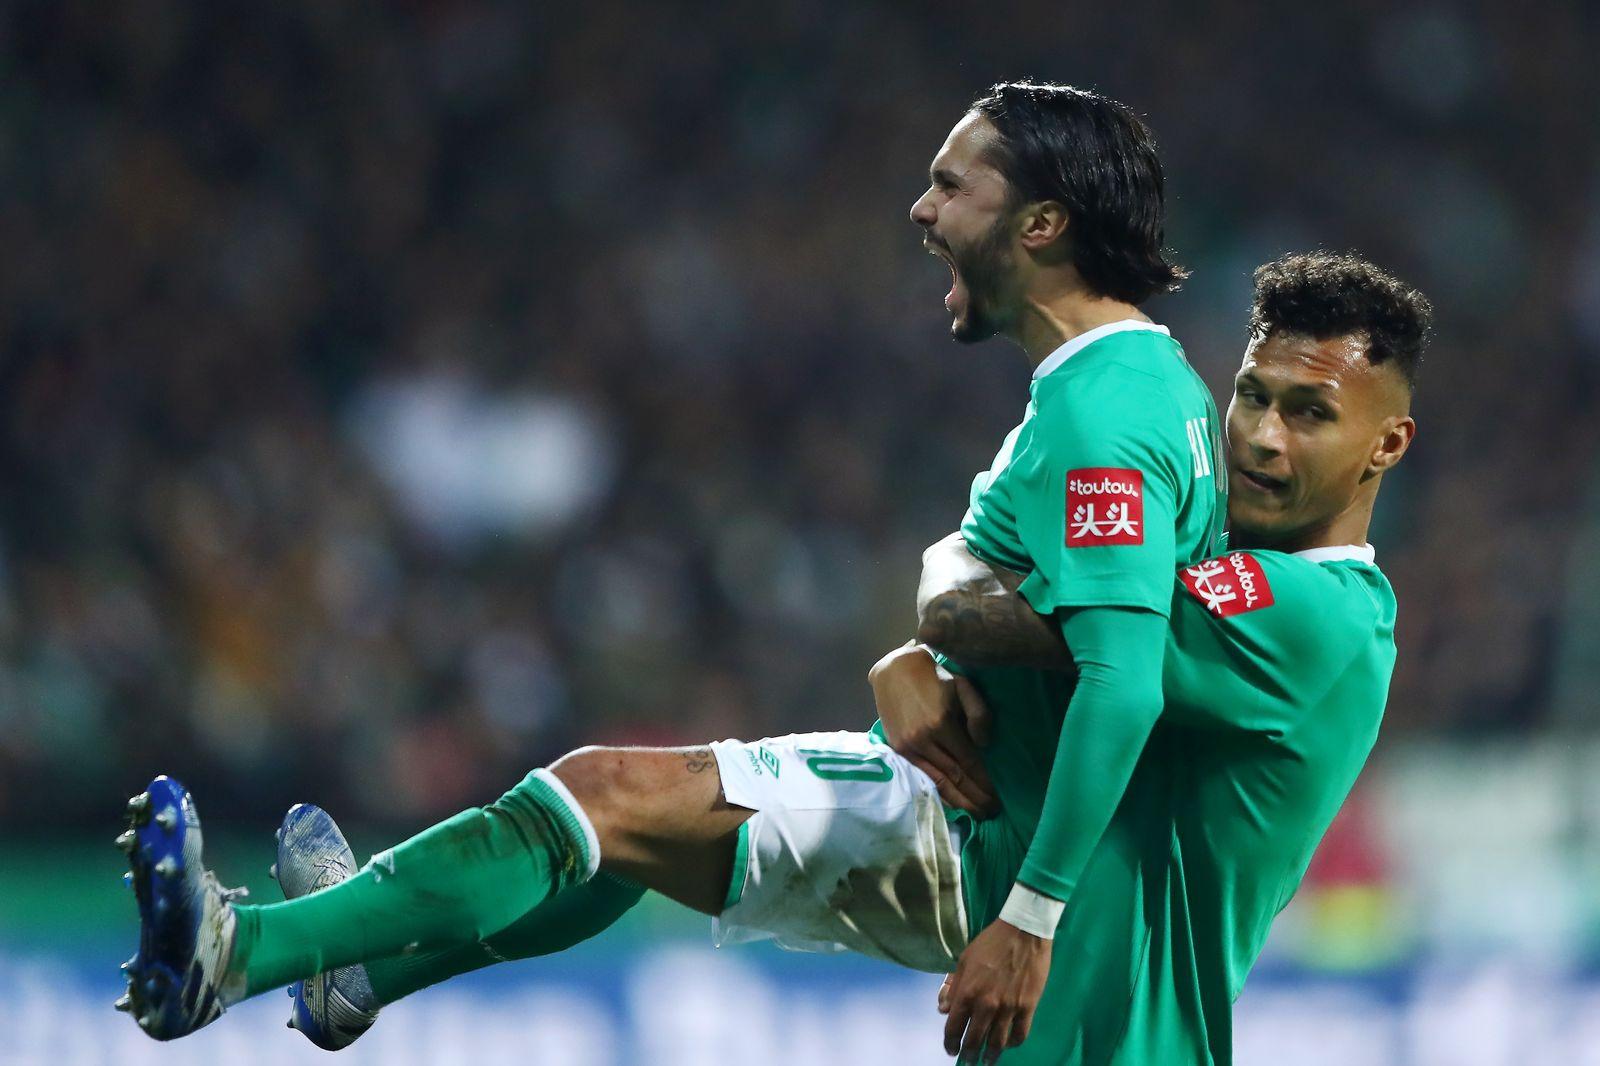 SV Werder Bremen v Borussia Dortmund - DFB Cup